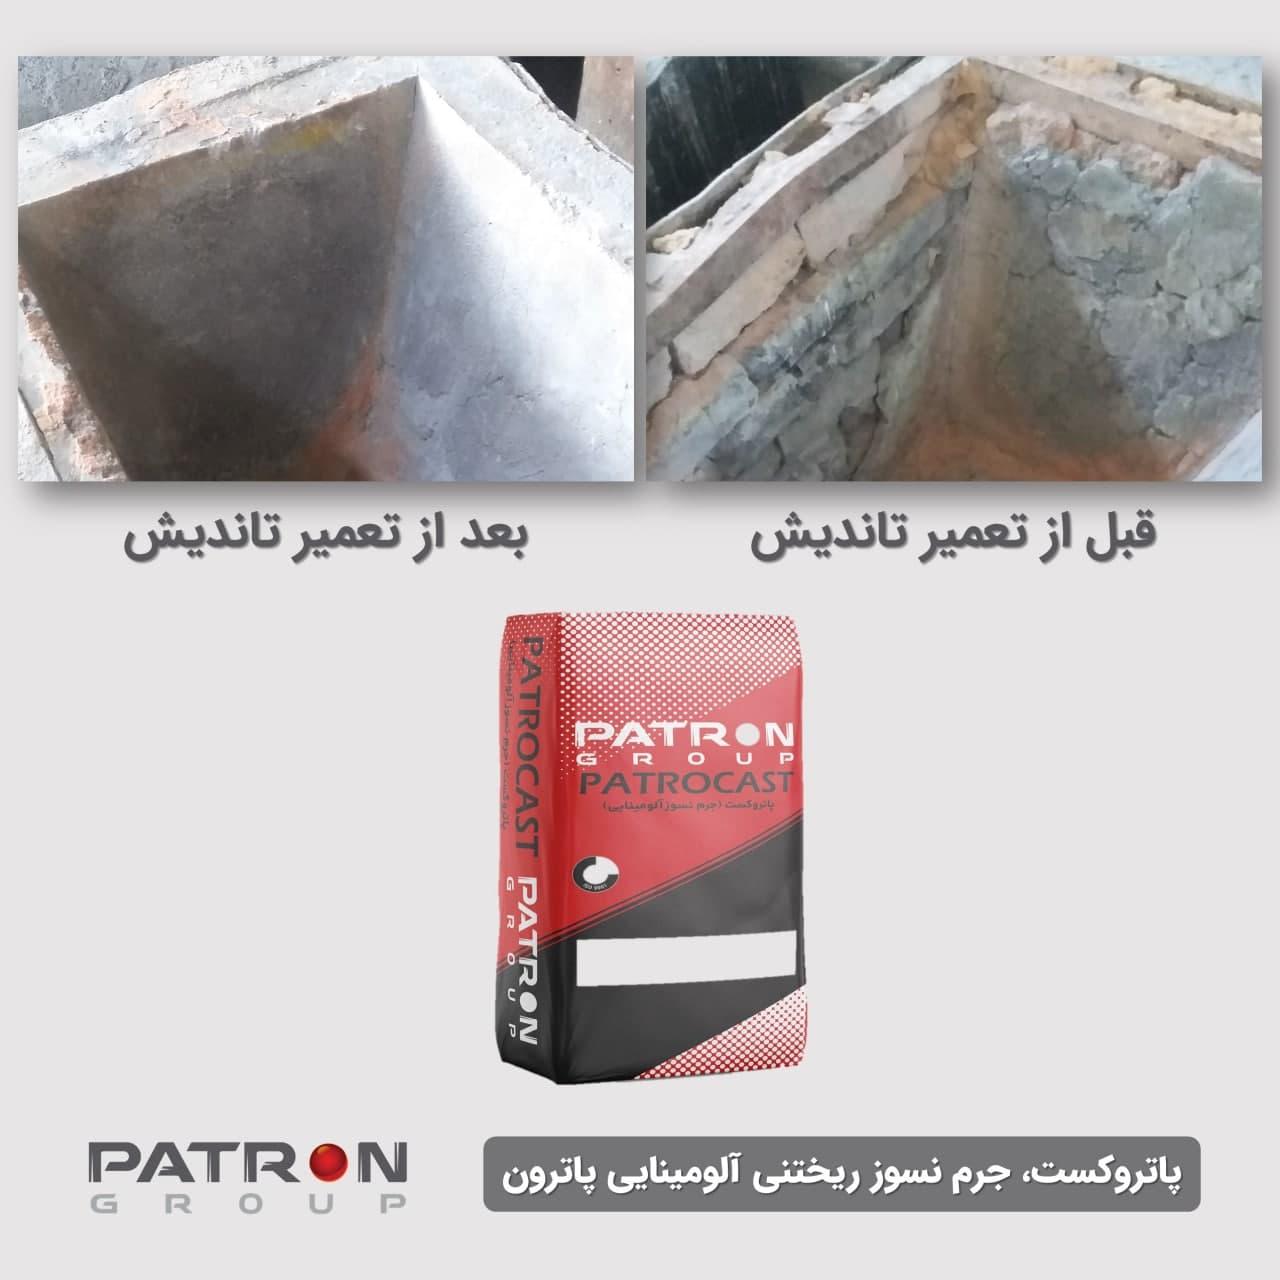 پاتروکست، جرم نسوز ریختنی آلومینایی پاترون